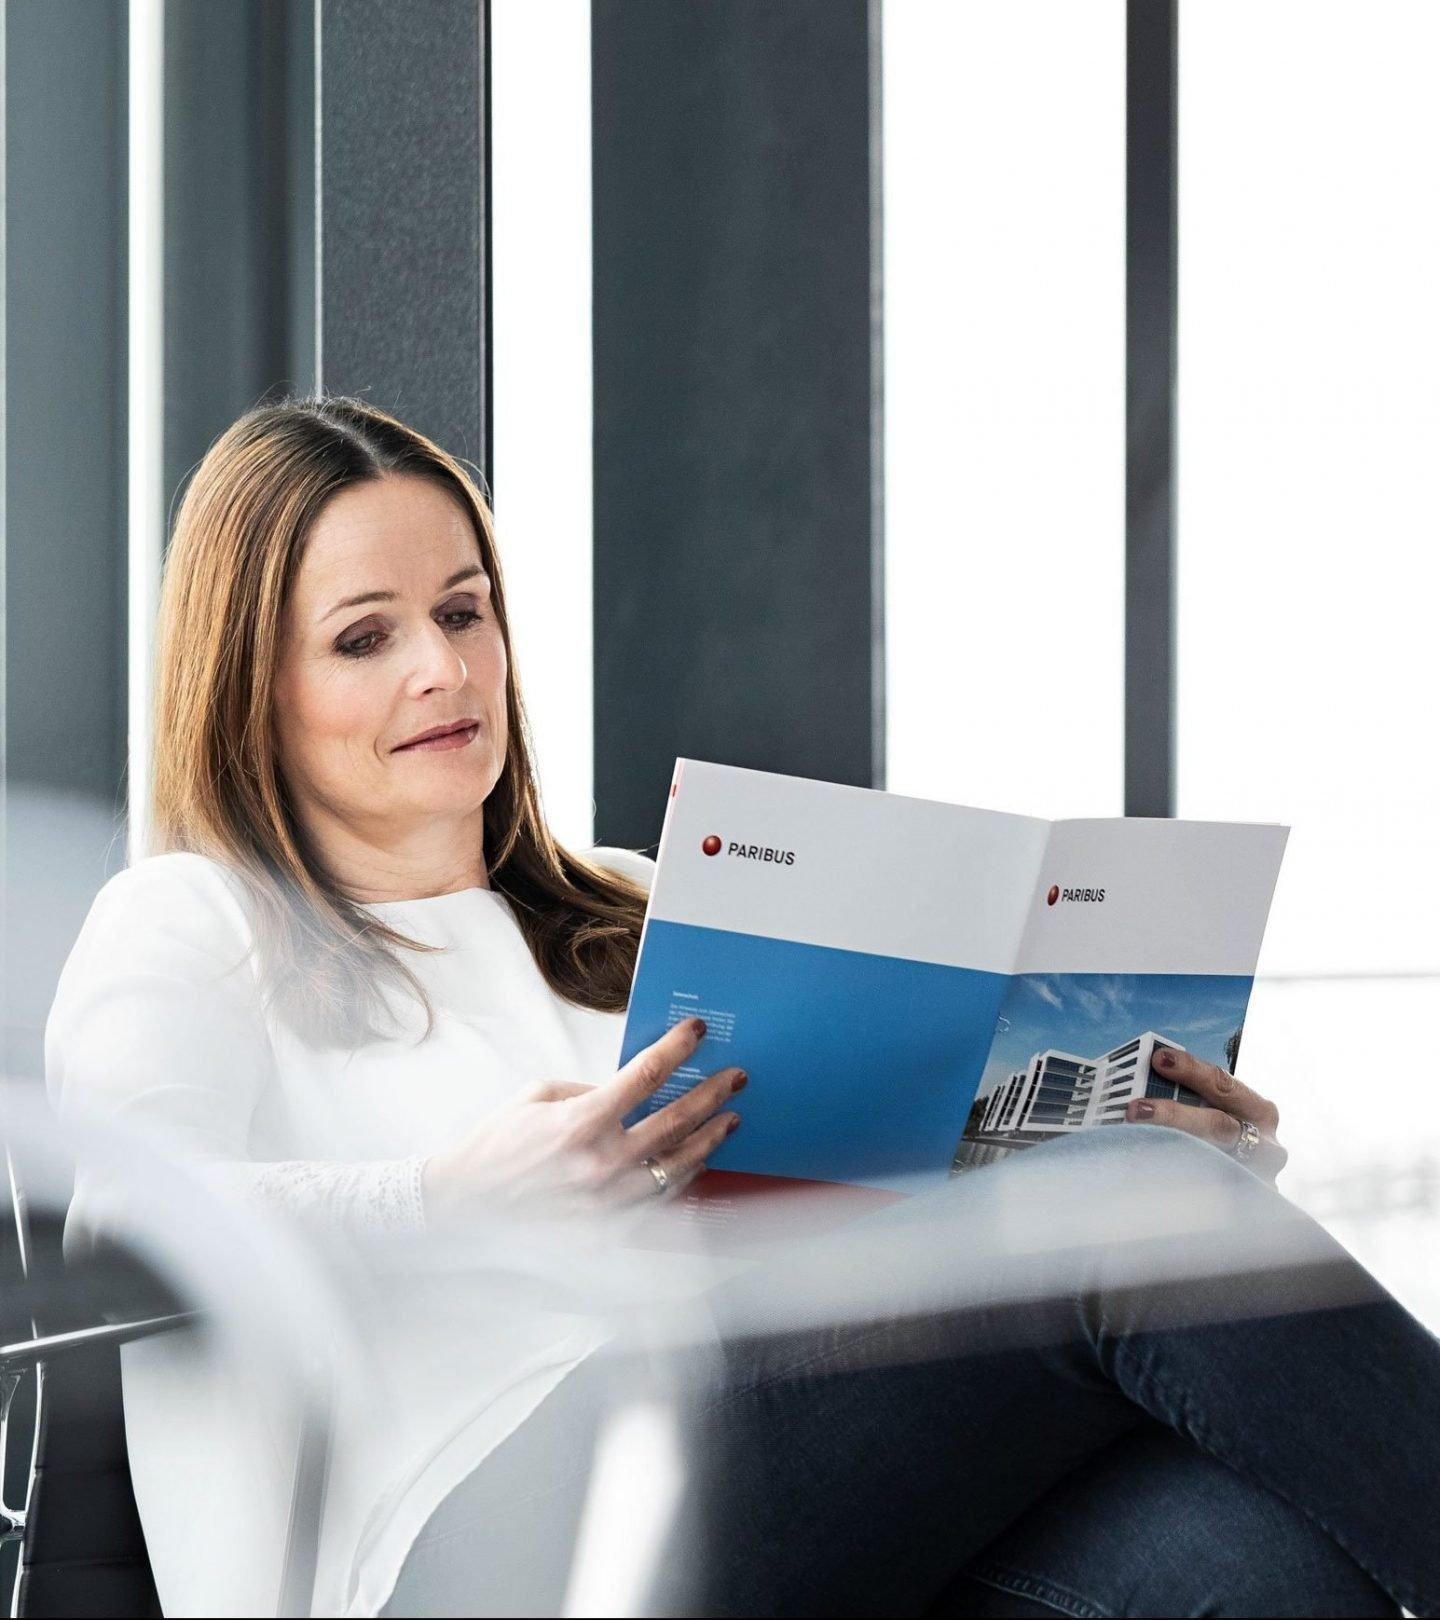 Treuhandmitarbeiterin mit Paribus-Fondsgeschäftsbericht